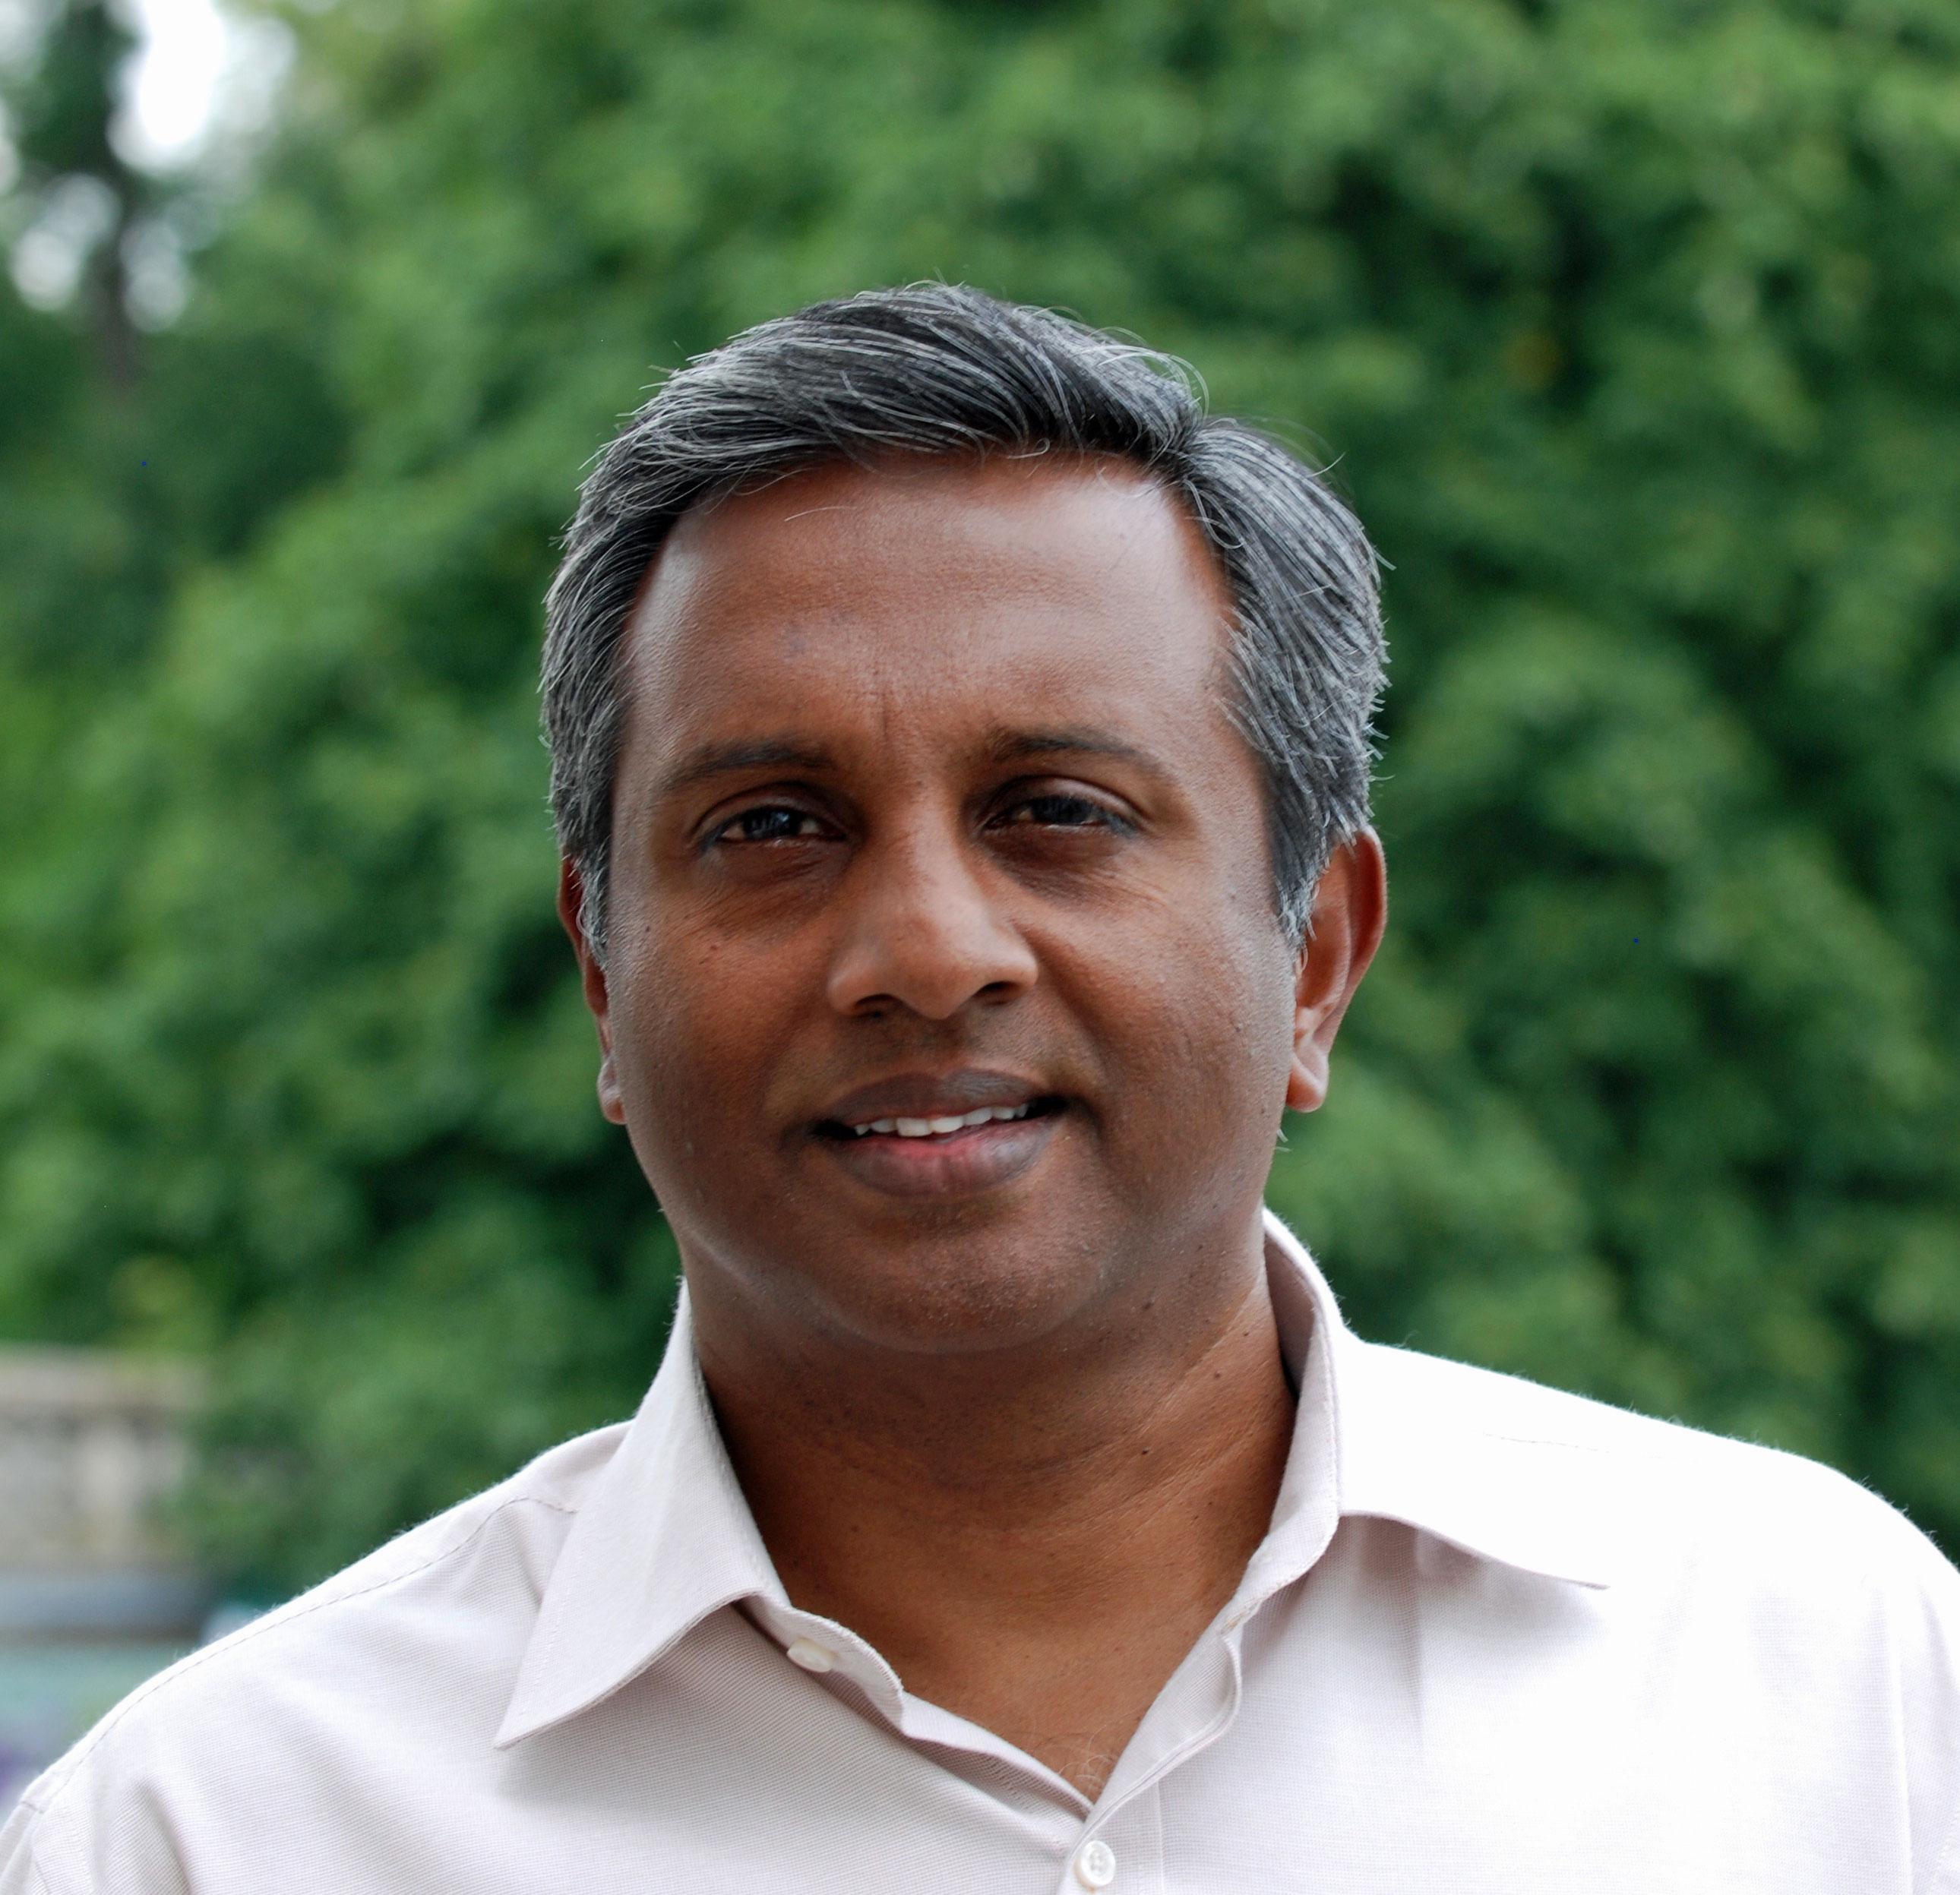 Salil Shetty